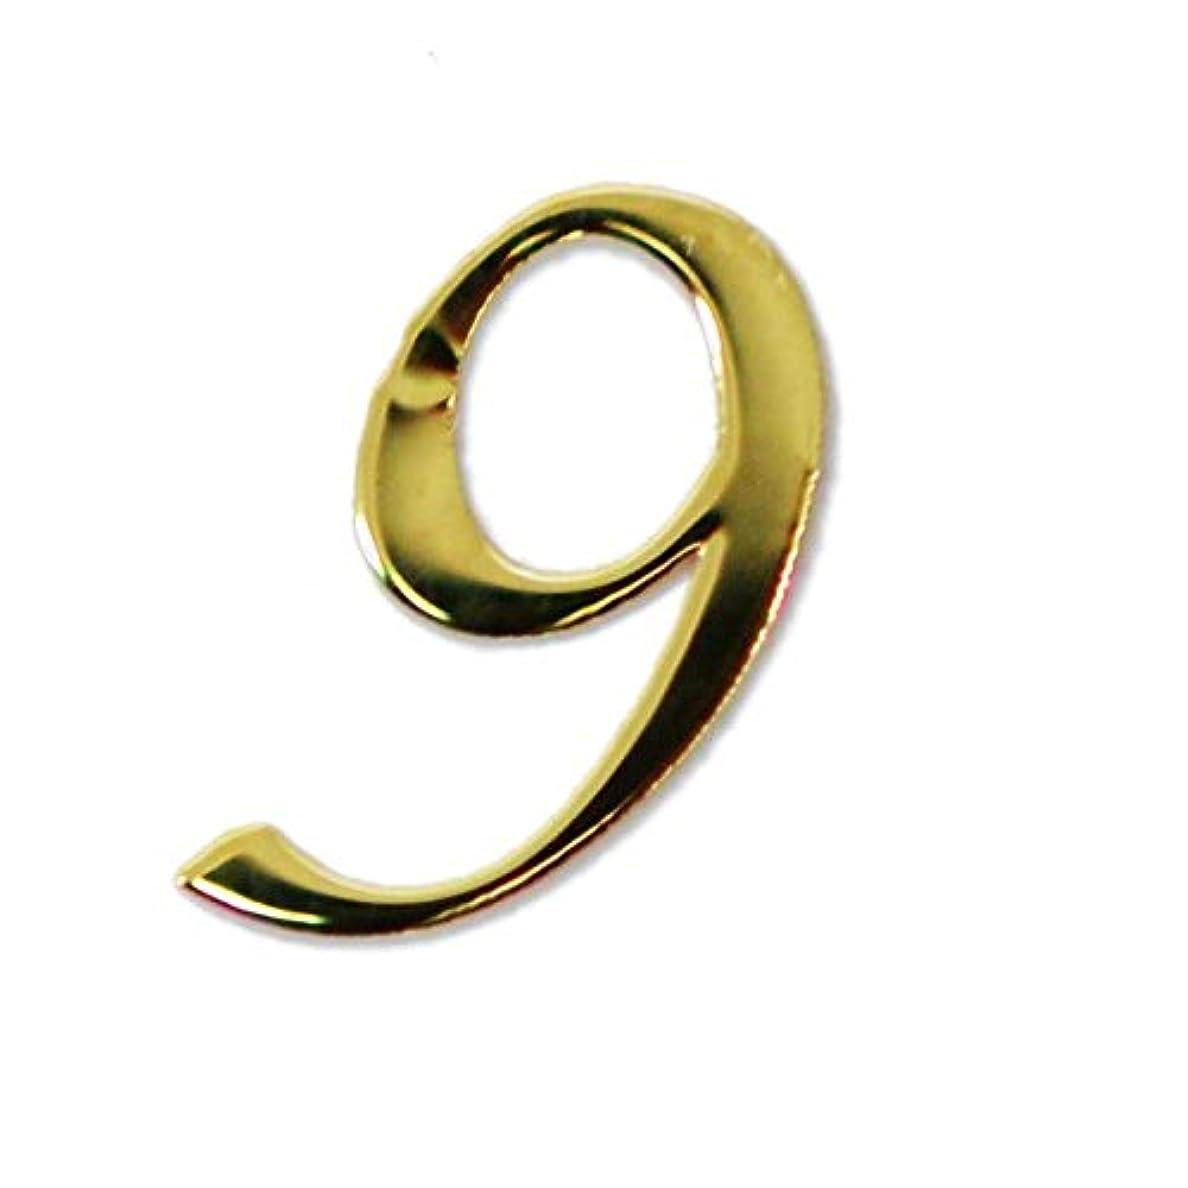 請求可能洞察力のある歩道数字の薄型メタルパーツ ゴールド 30枚 (9(nine/九)=3mm×5mm)